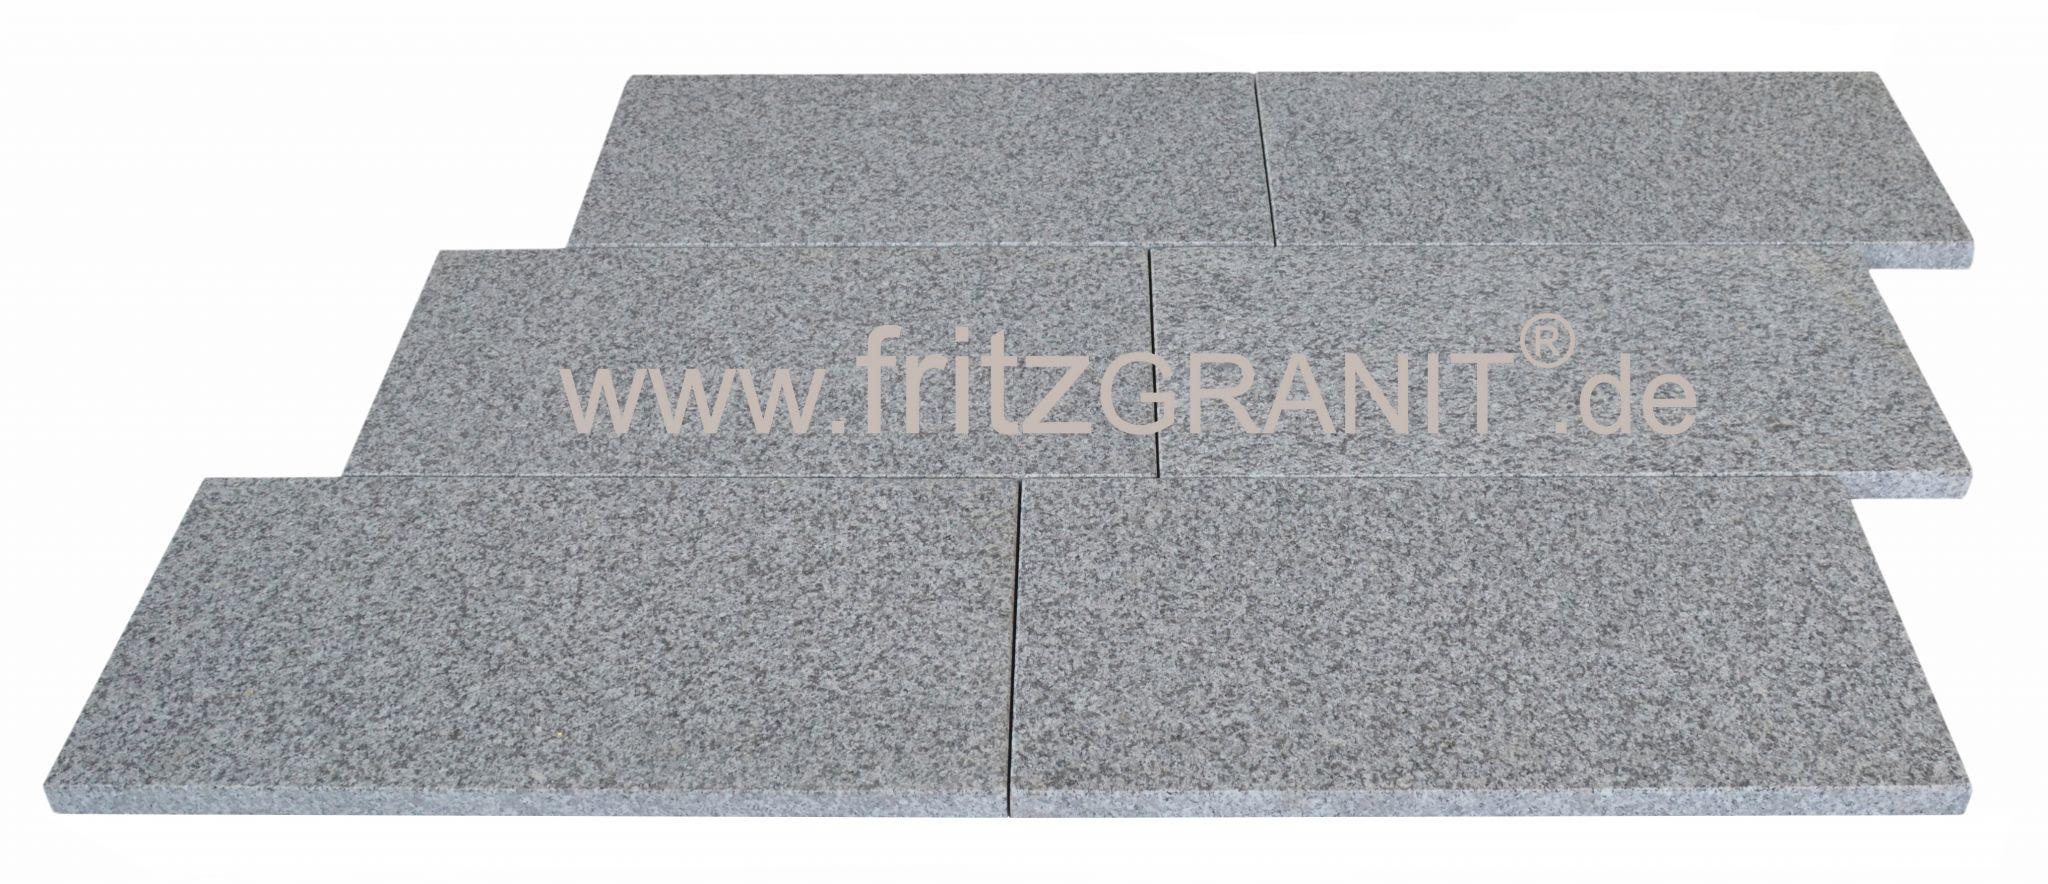 Bodenplatte Granit hellgrau 40x40x3cm geflammt und gebürstet Kanten gesägt